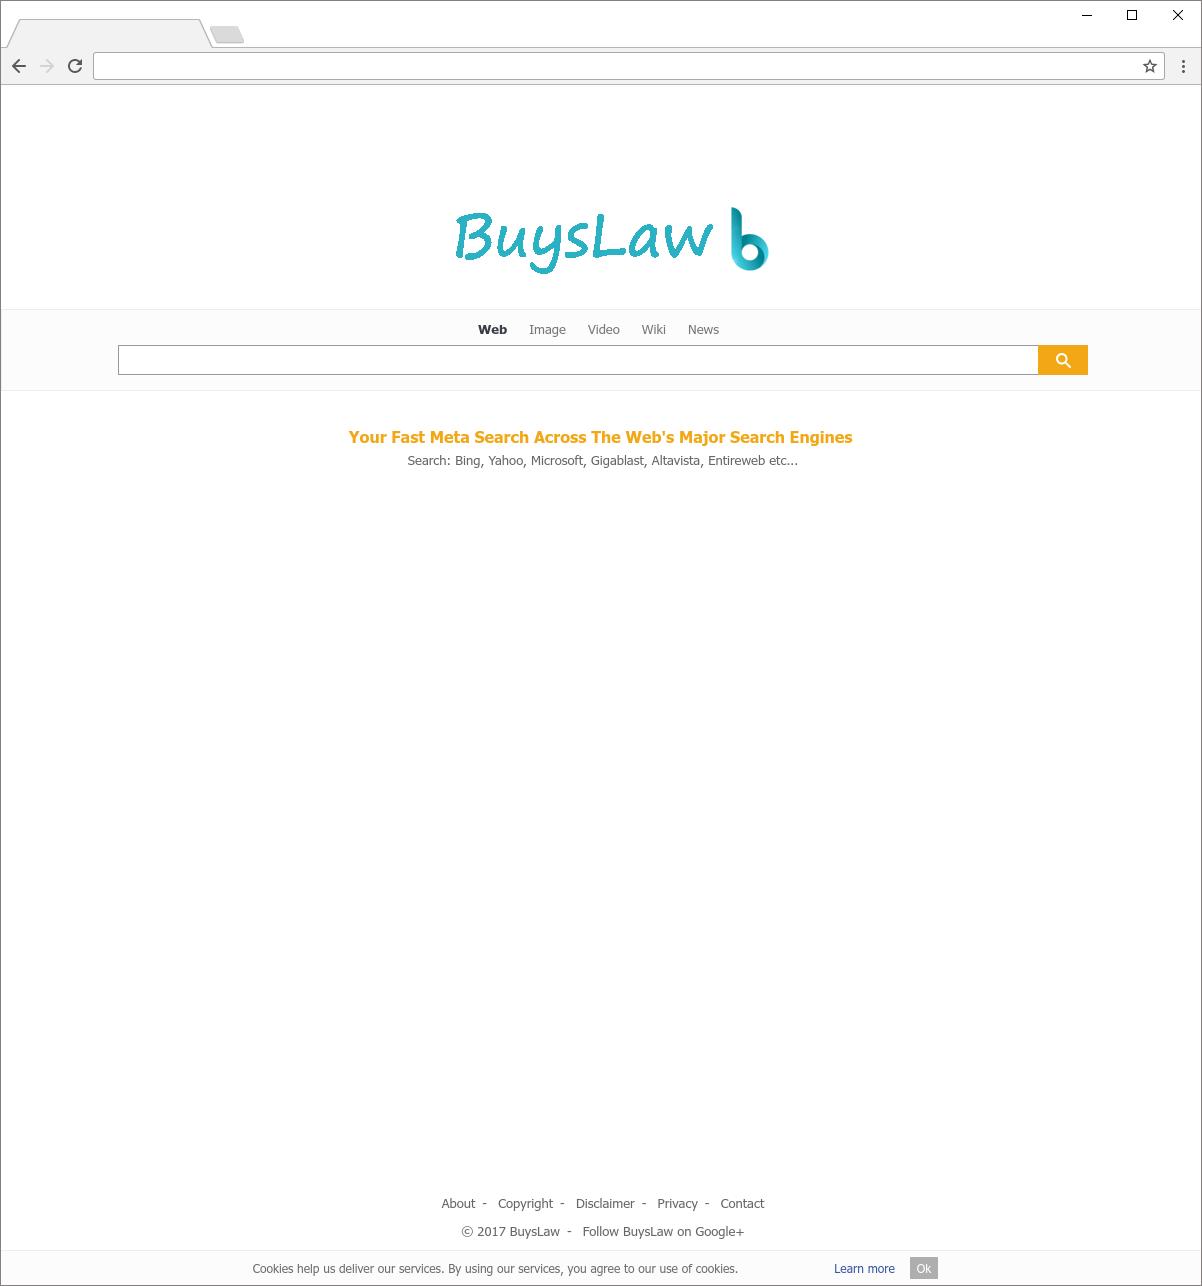 Buyslaw.com Hijacker